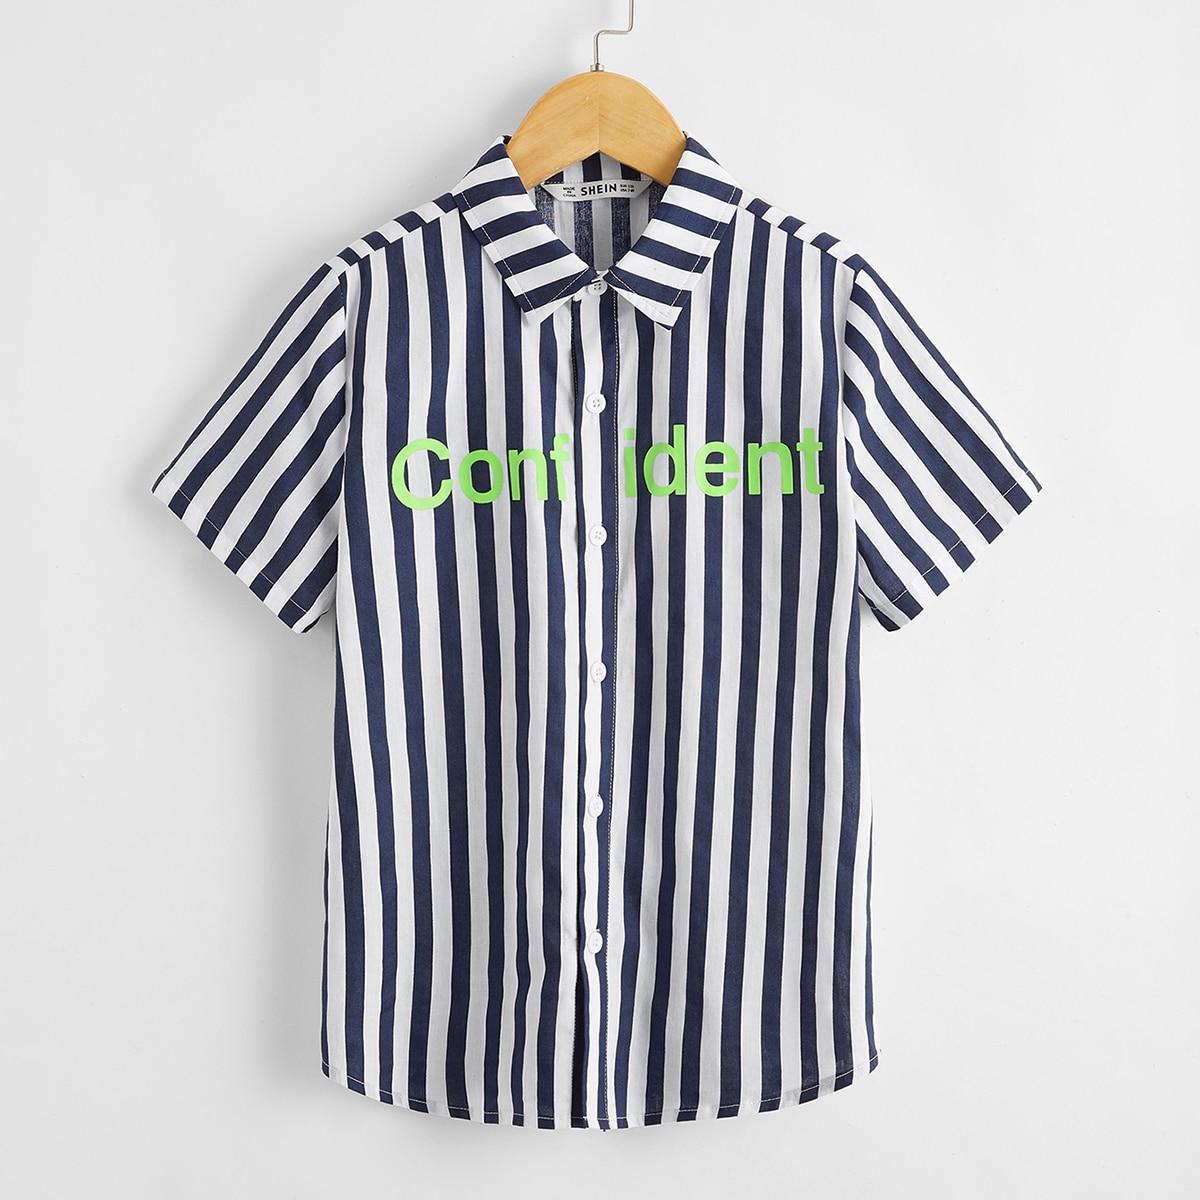 Полосатая рубашка с текстовым принтом для мальчиков от SHEIN